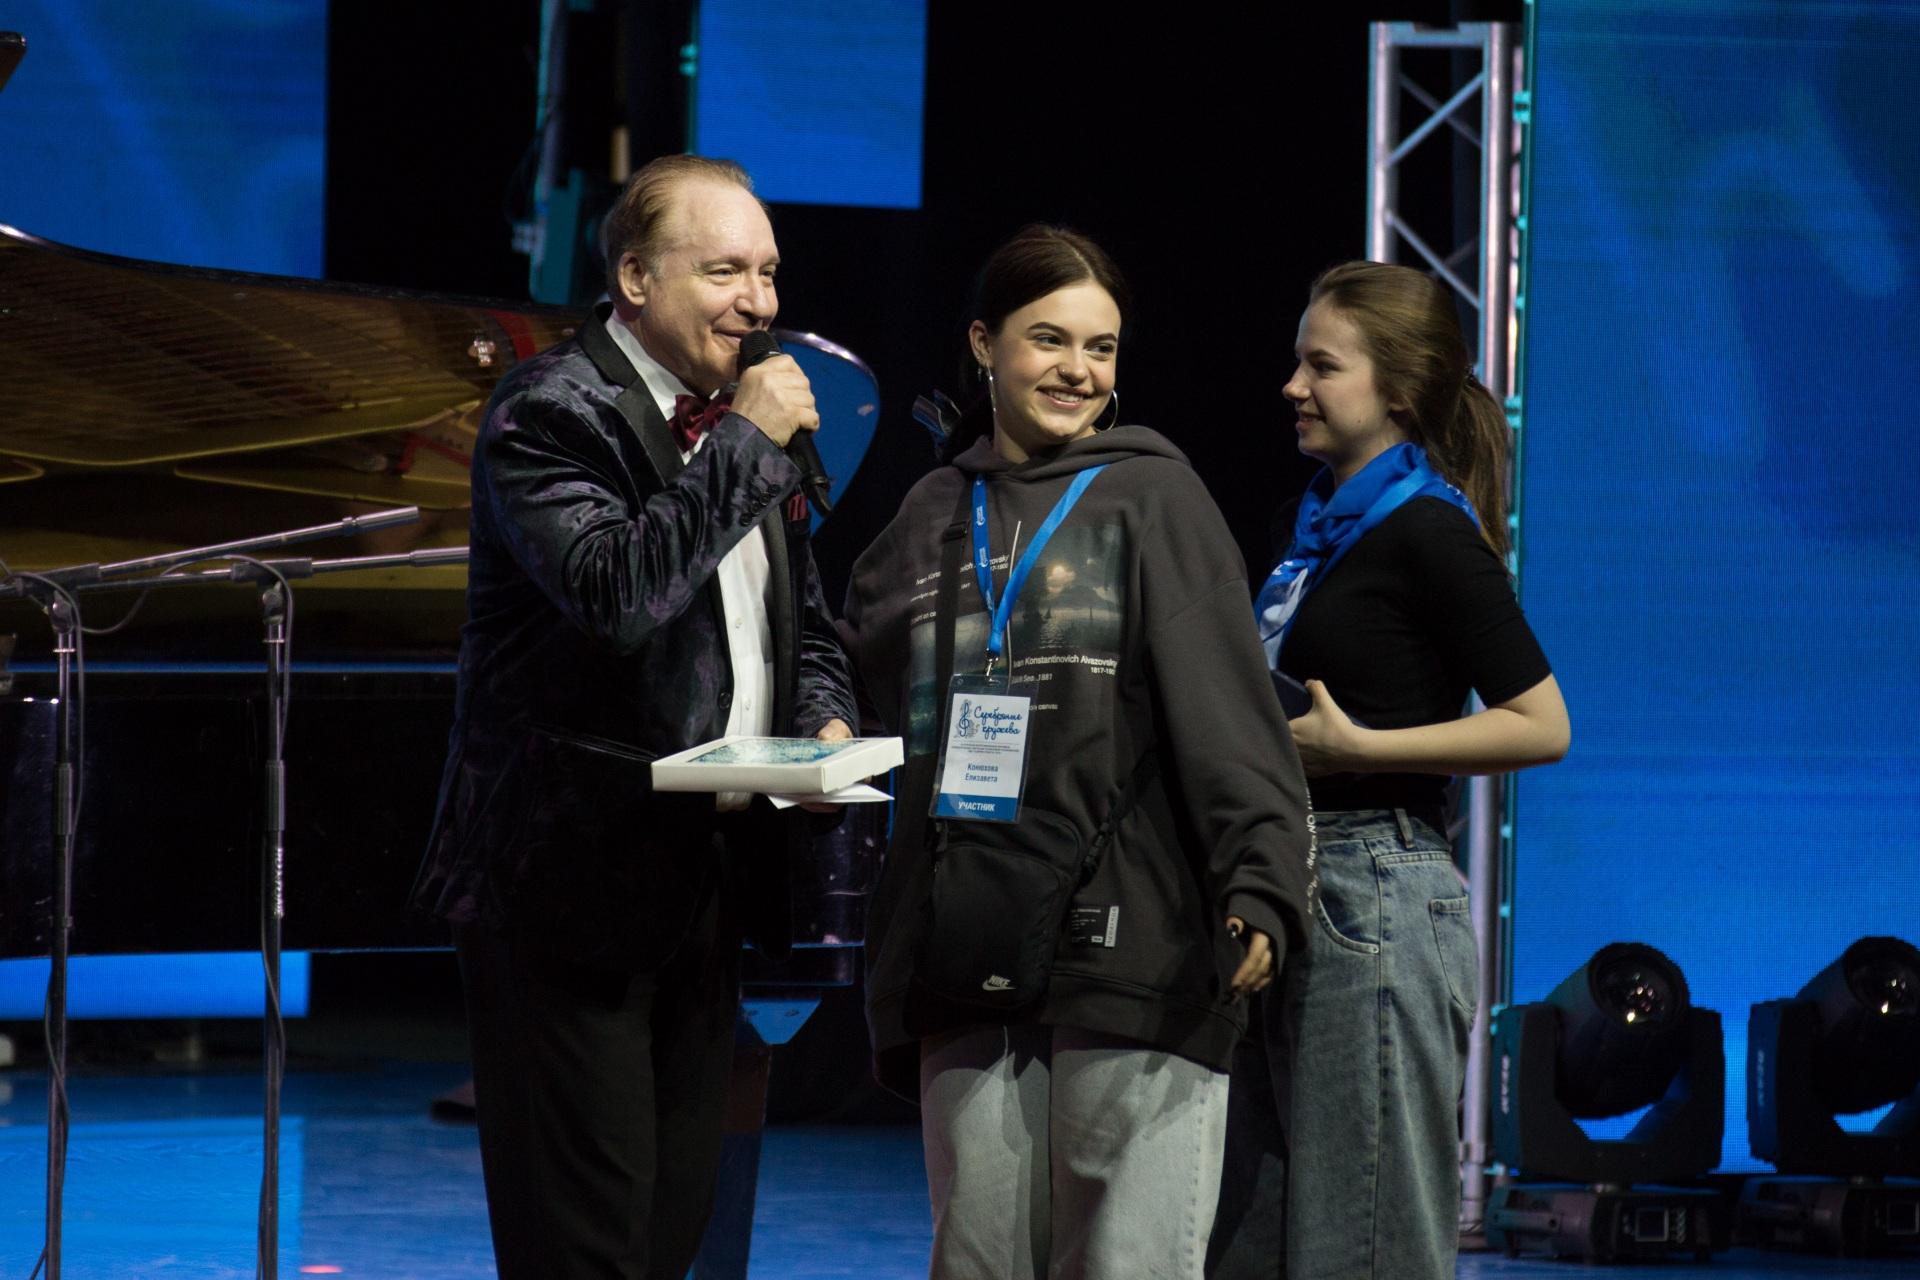 26_20201.05.14-Festival-Serebryanye-krugheva.-Tvorcheskaya-vstrecha.-Foto-E.-Ghdanov.jpg